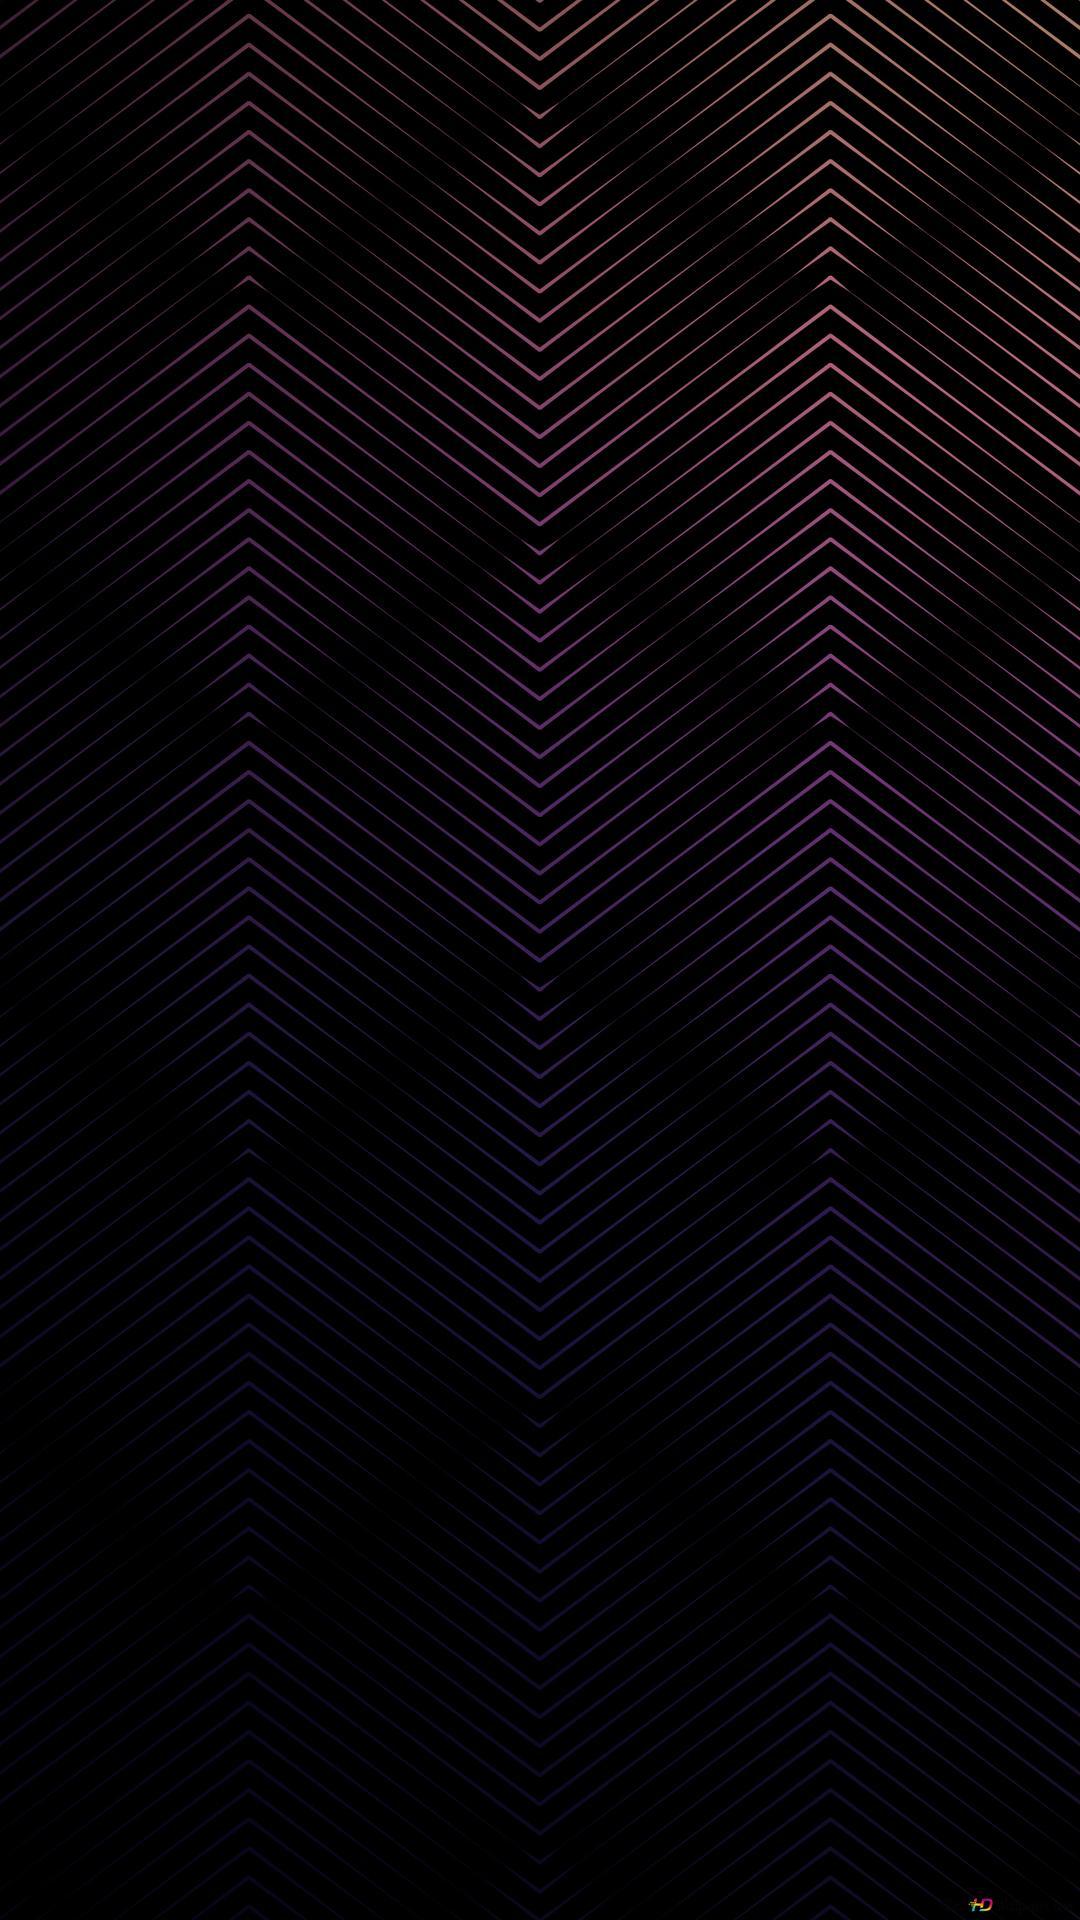 ブラックジグザグの線パターン Hd壁紙のダウンロード